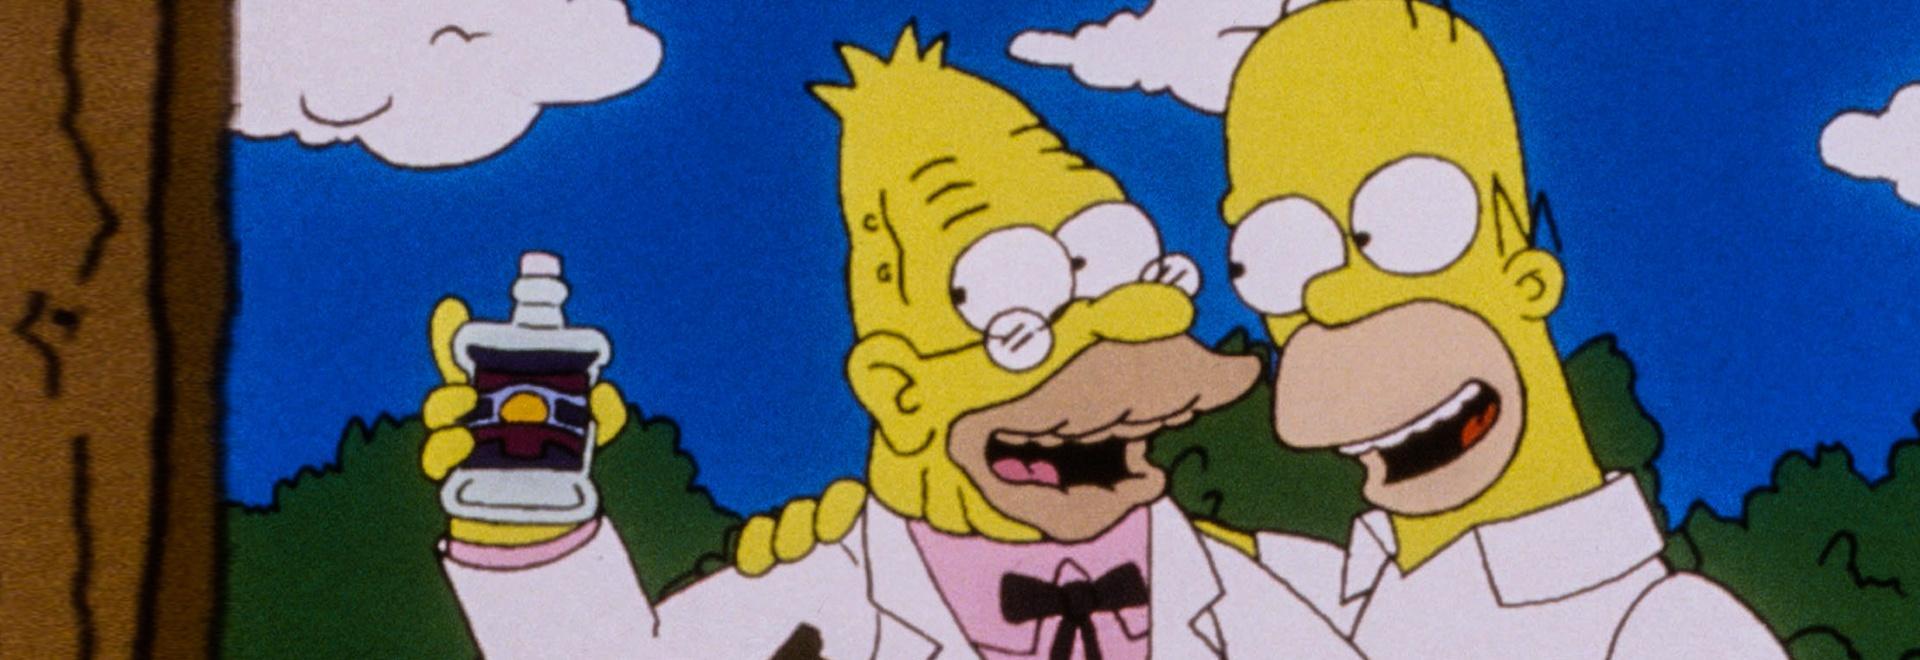 Il braccio violento della legge a Springfield